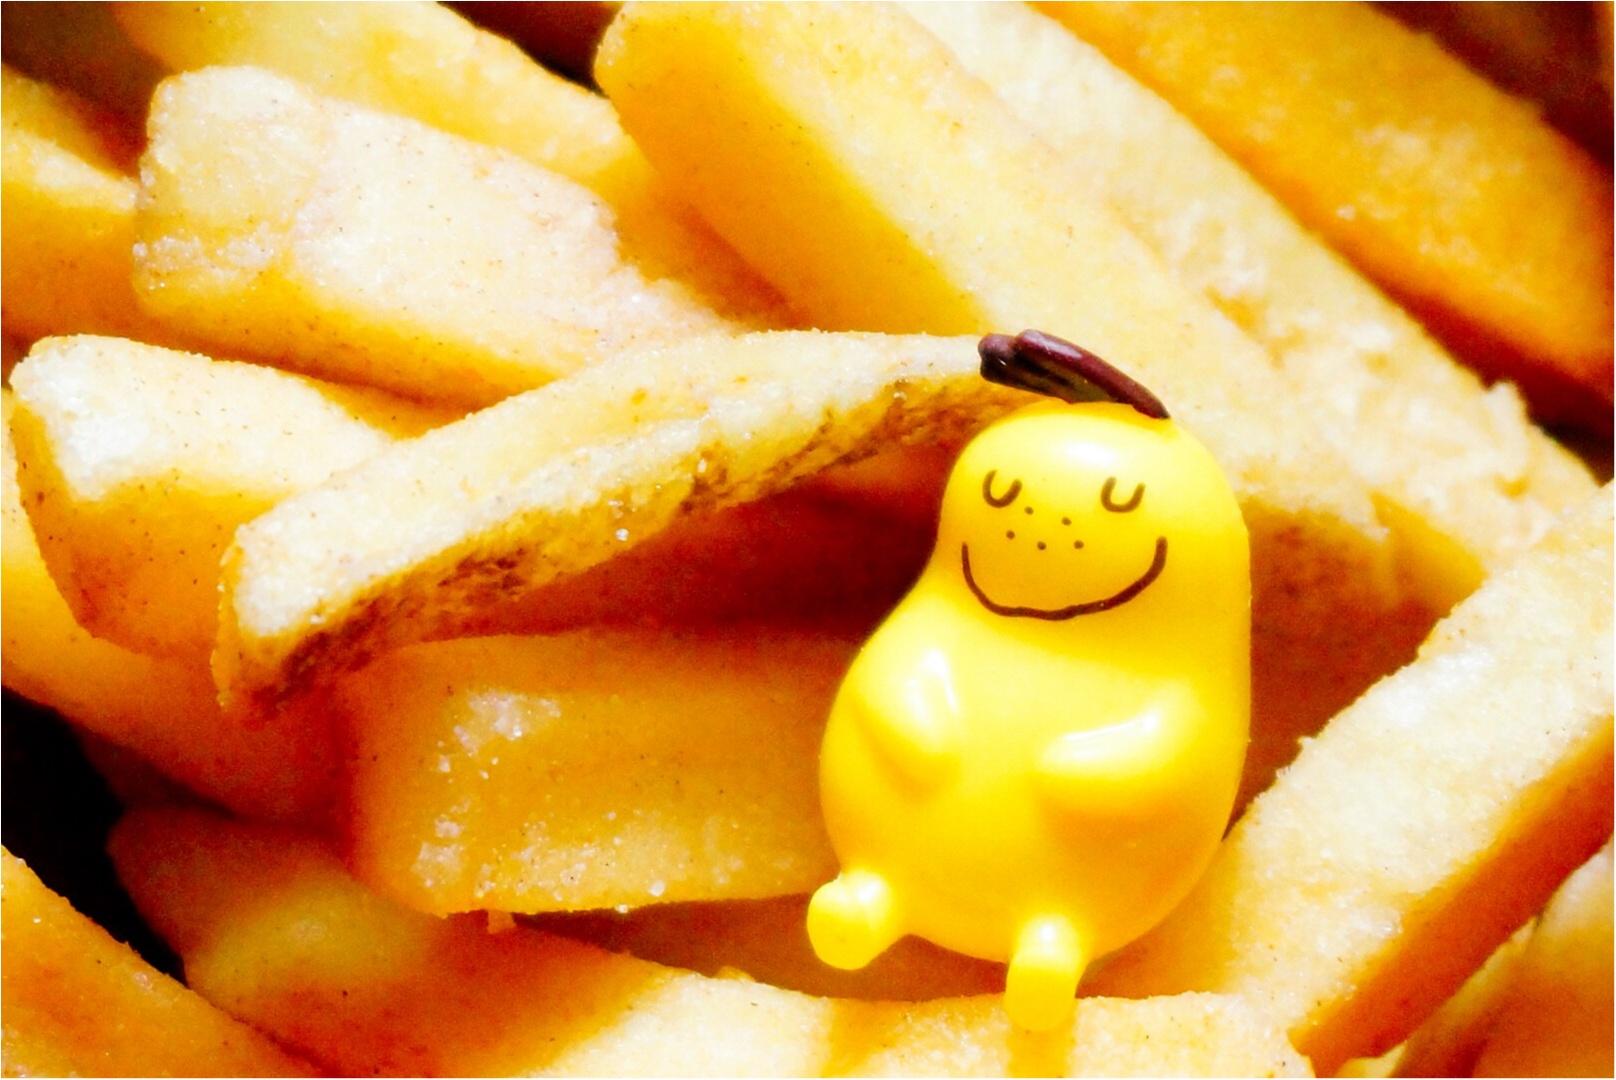 もう食べた⁉︎【Jagabee×MORE】私達が作ったコラボ商品『バターシナモン』が大好評発売中‼︎新商品が出来上がるまでの秘密も教えちゃう♡_7